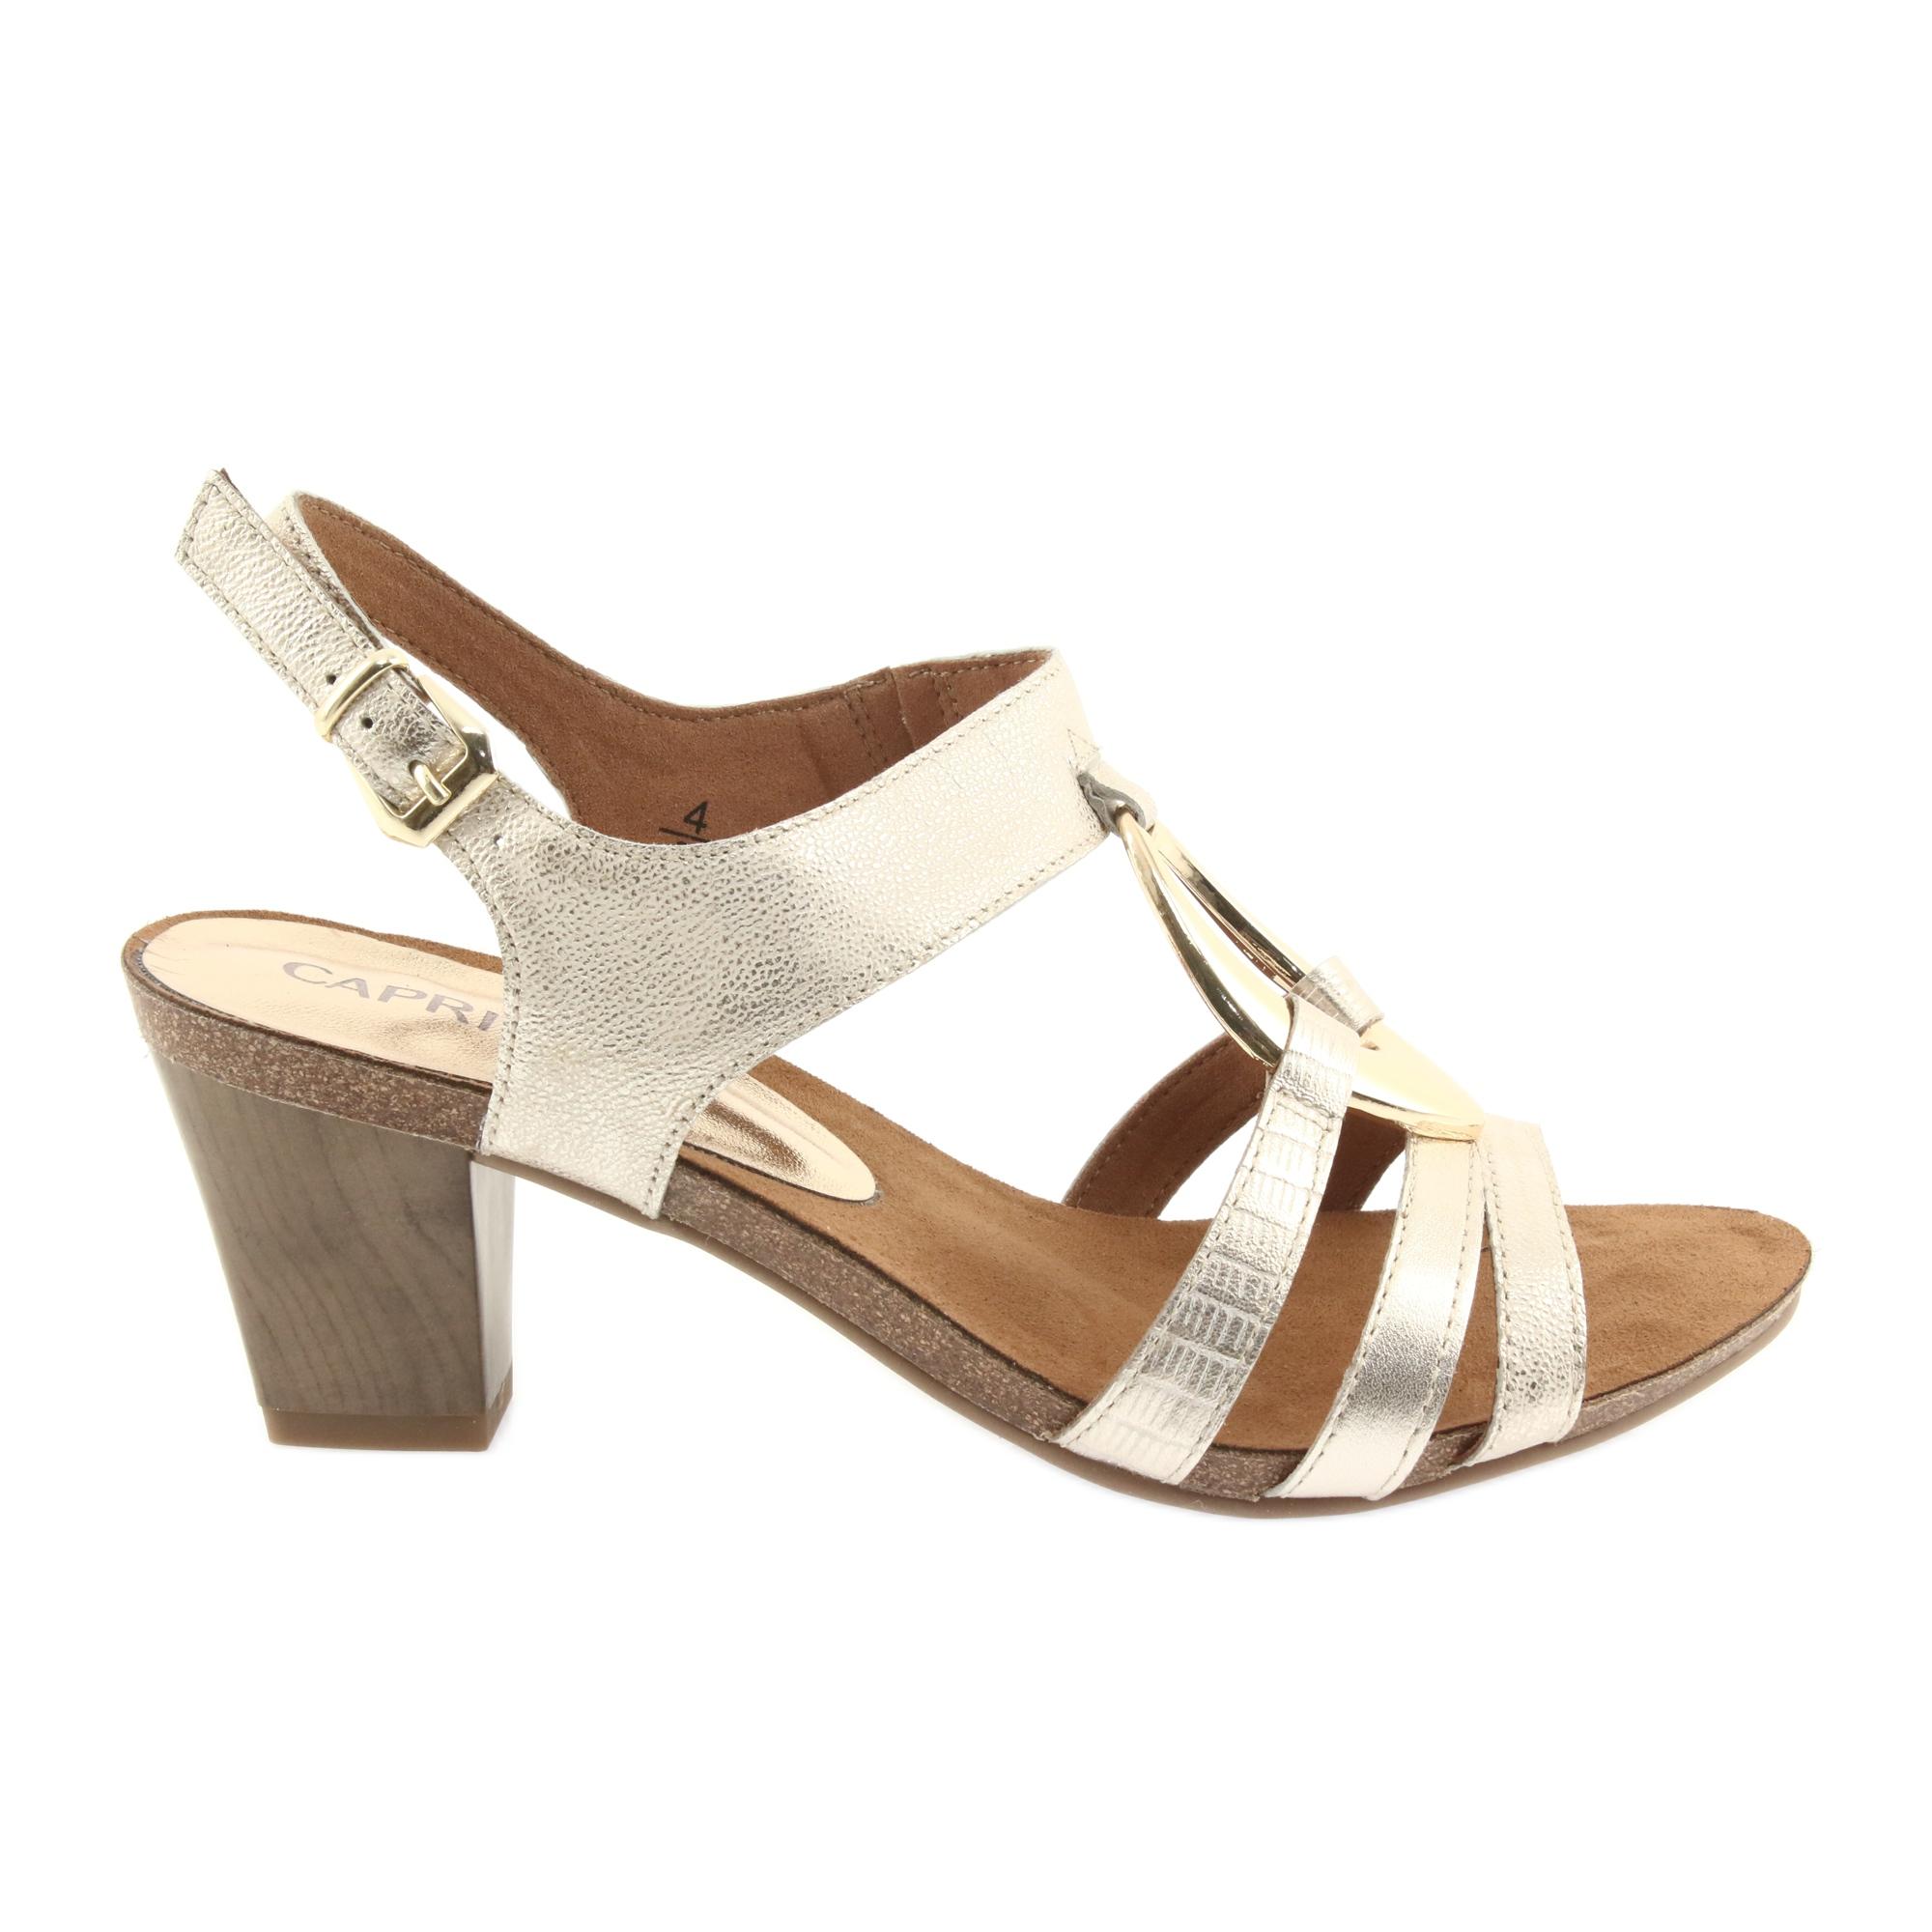 Caprice szandál női cipő 28307 fekete ButyModne.pl